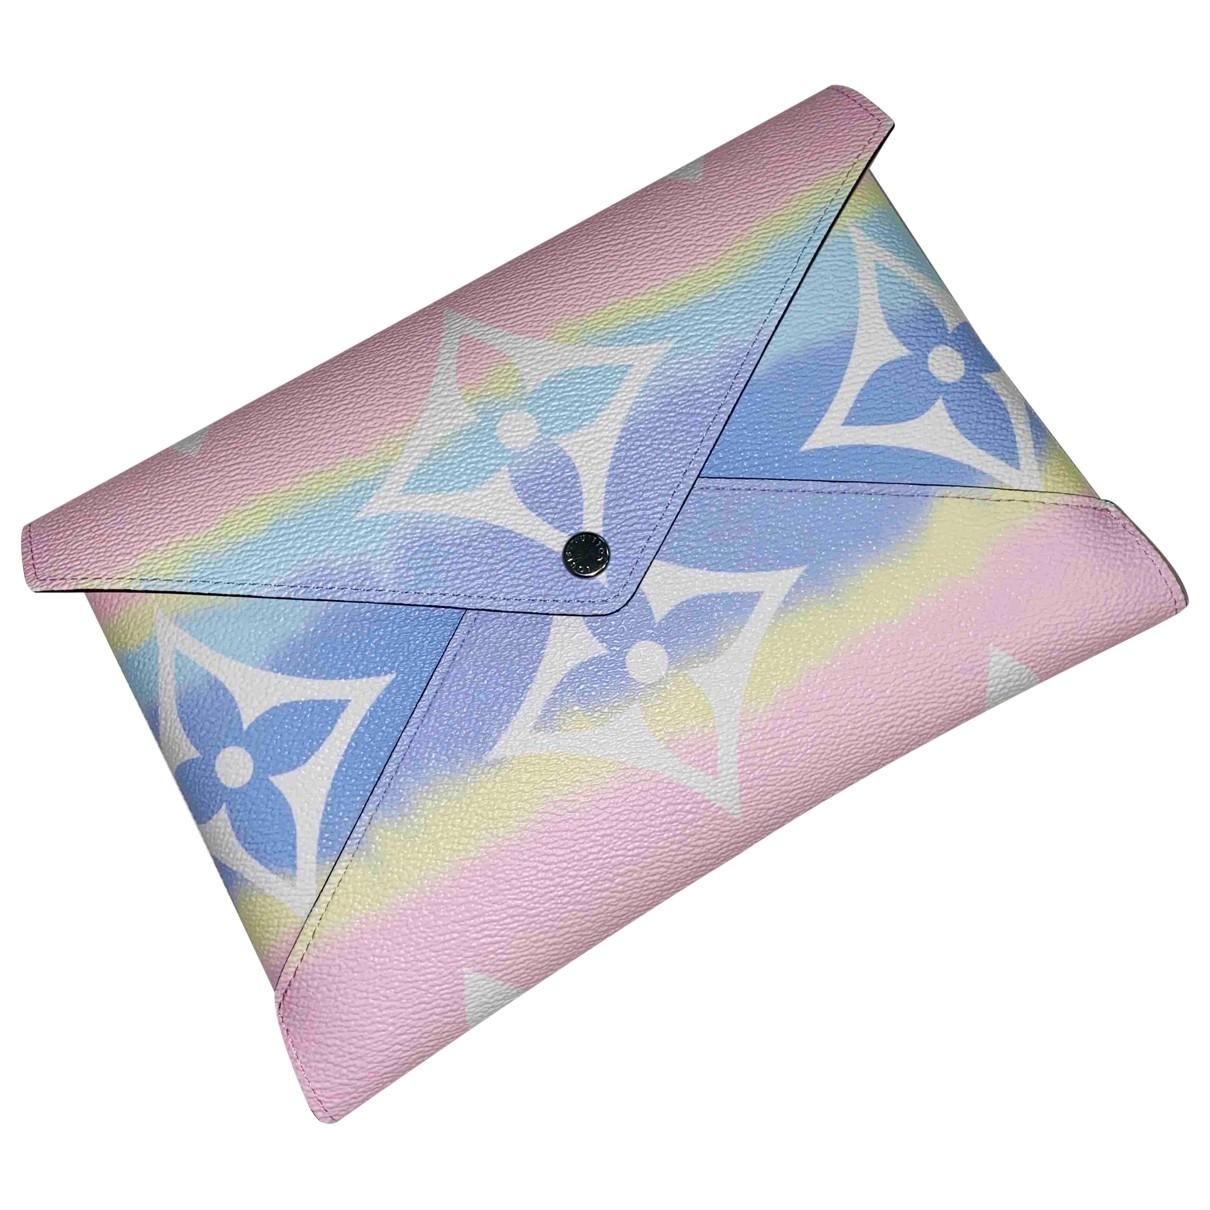 Louis Vuitton - Pochette Kirigami pour femme en toile - rose